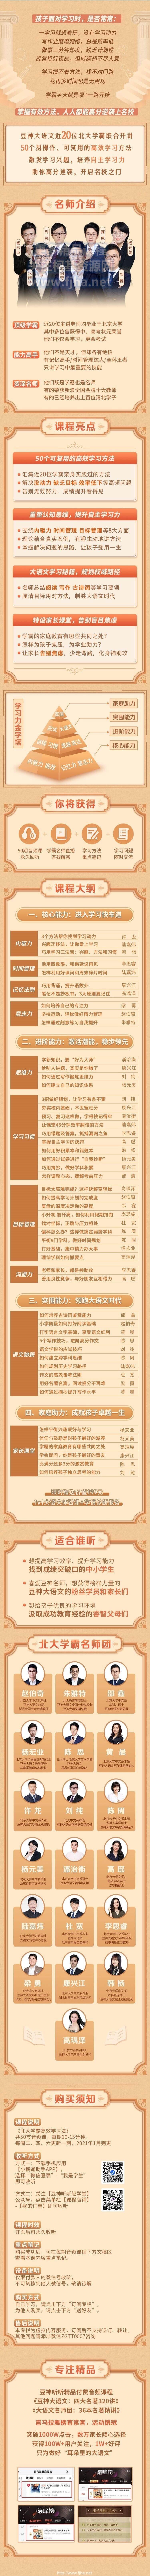 诸葛学堂:豆神大语文北大学霸高效学习法